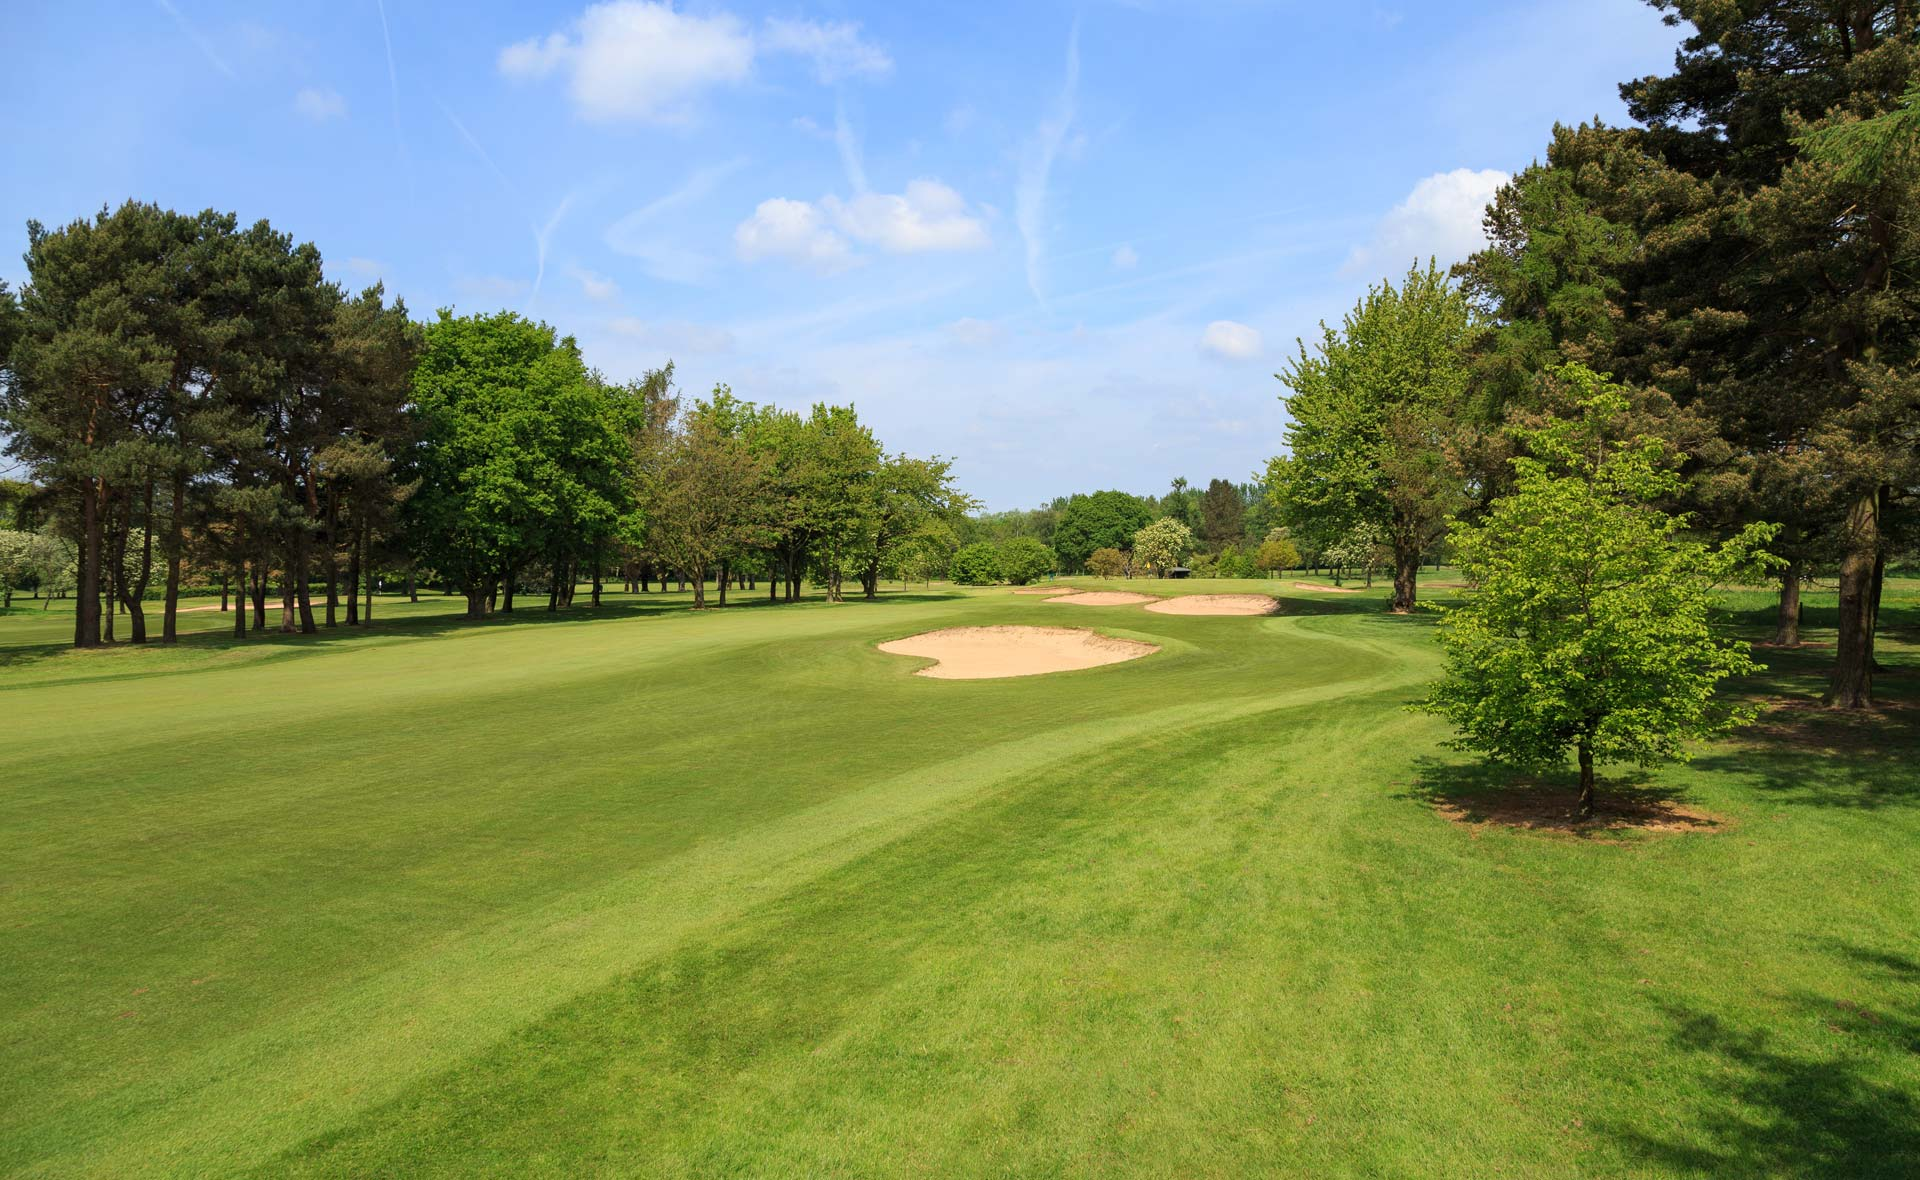 south staffordshire golf club hole 4